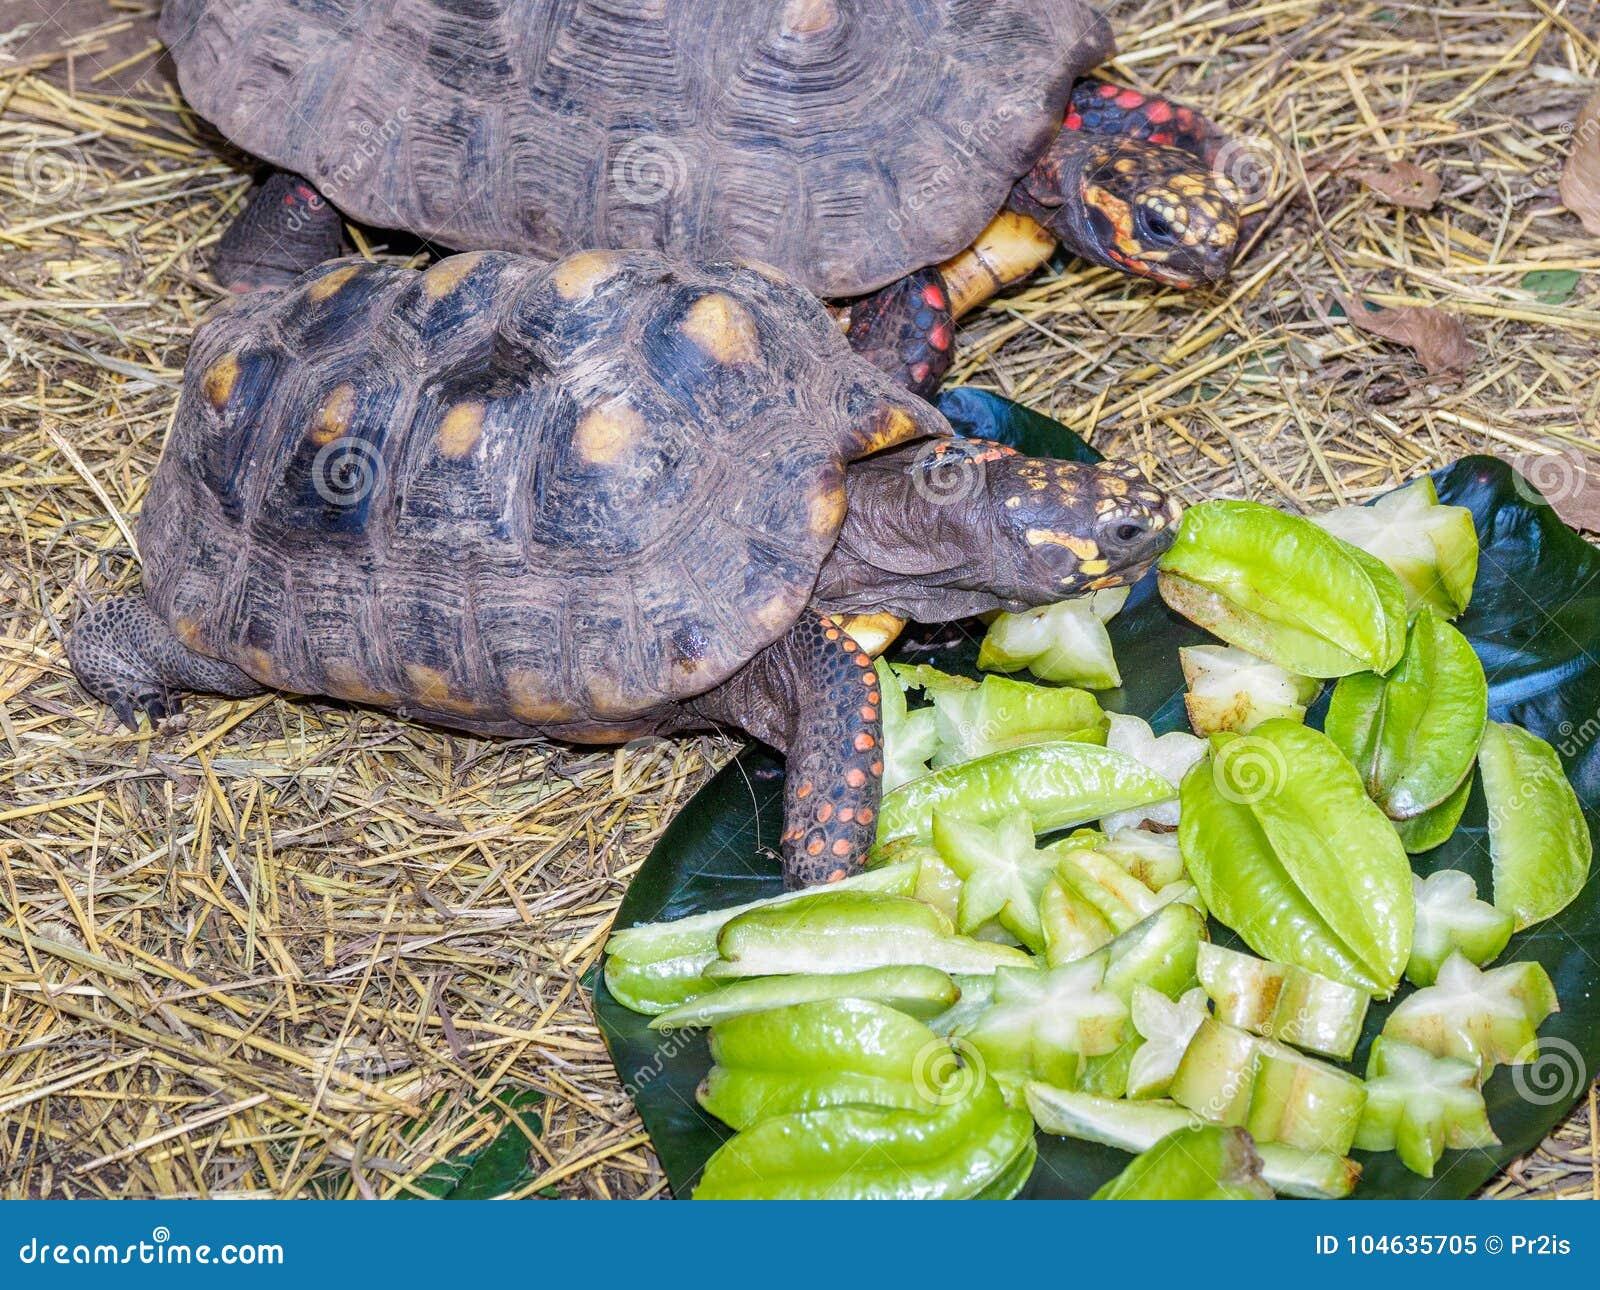 Download Schildpadden Die Op Sterfruit Voeden Stock Afbeelding - Afbeelding bestaande uit schildpadden, gras: 104635705